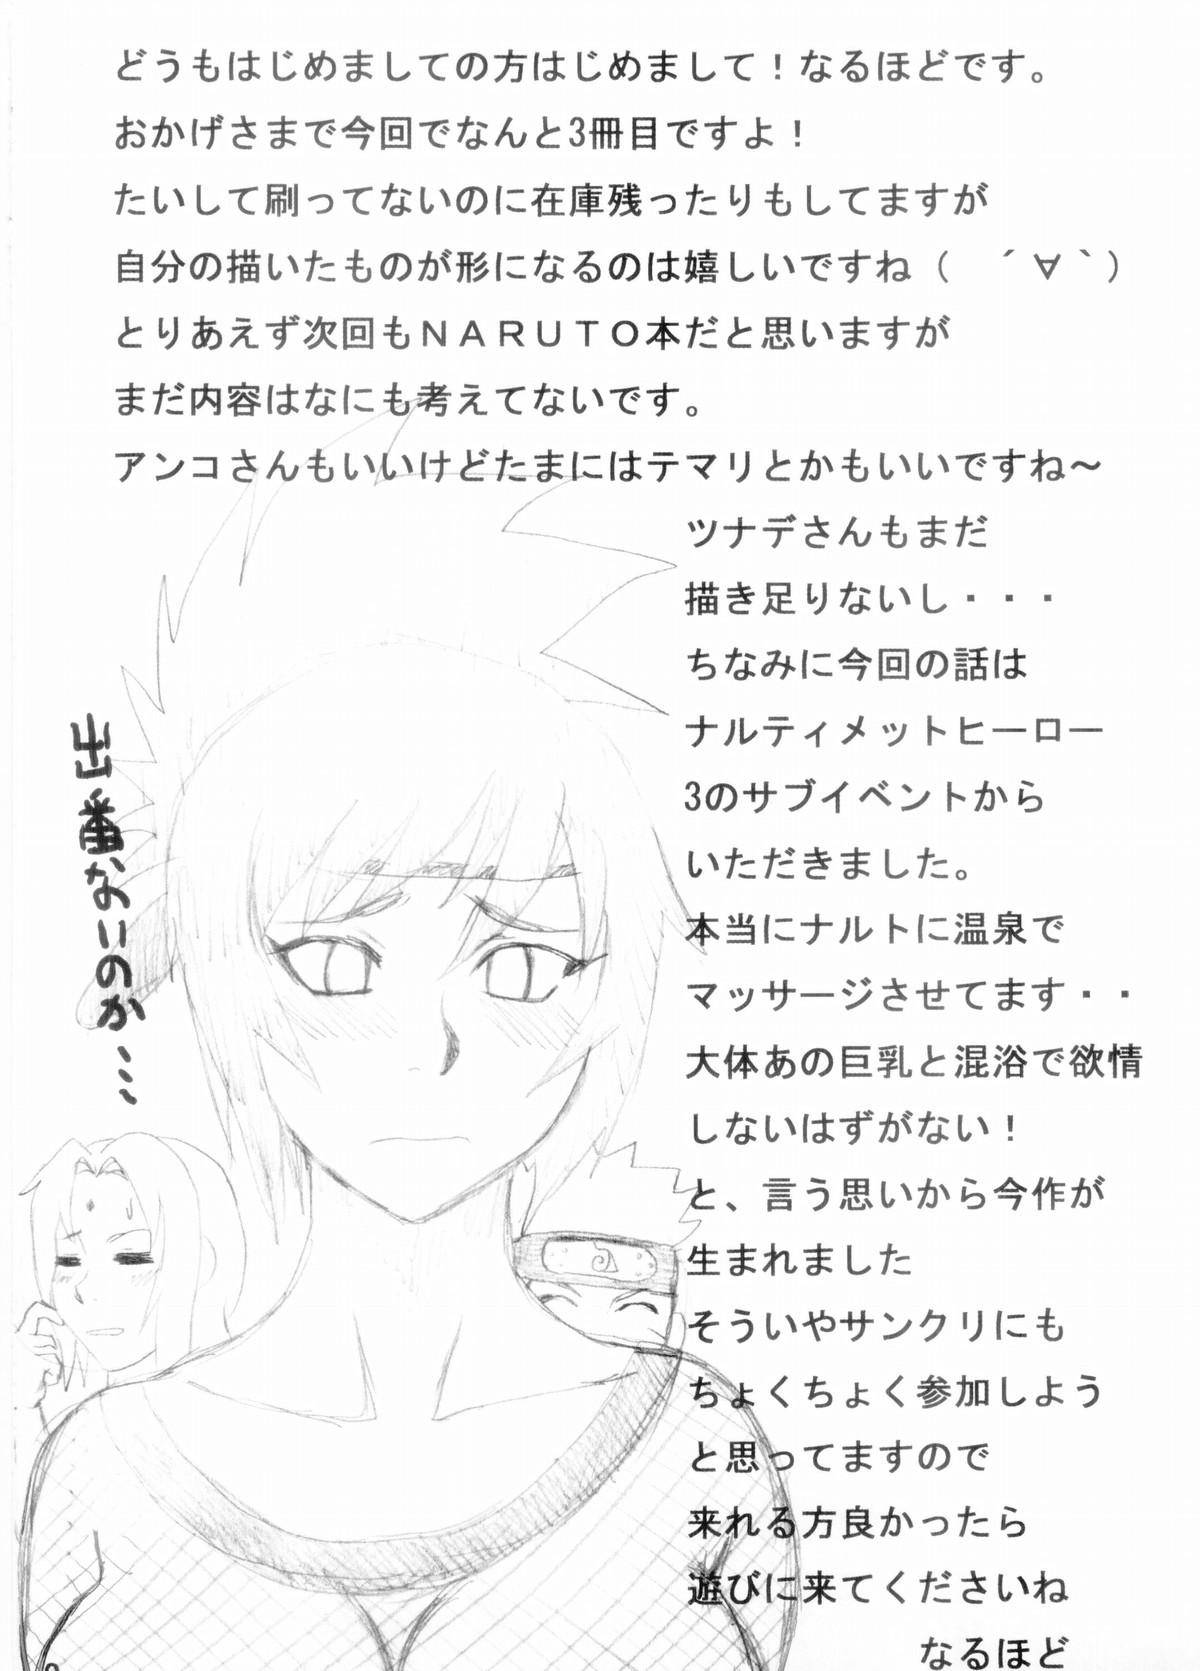 Kibun wa mou Onsen (Japanese) - page02 Naruto,  xxx porn rule34